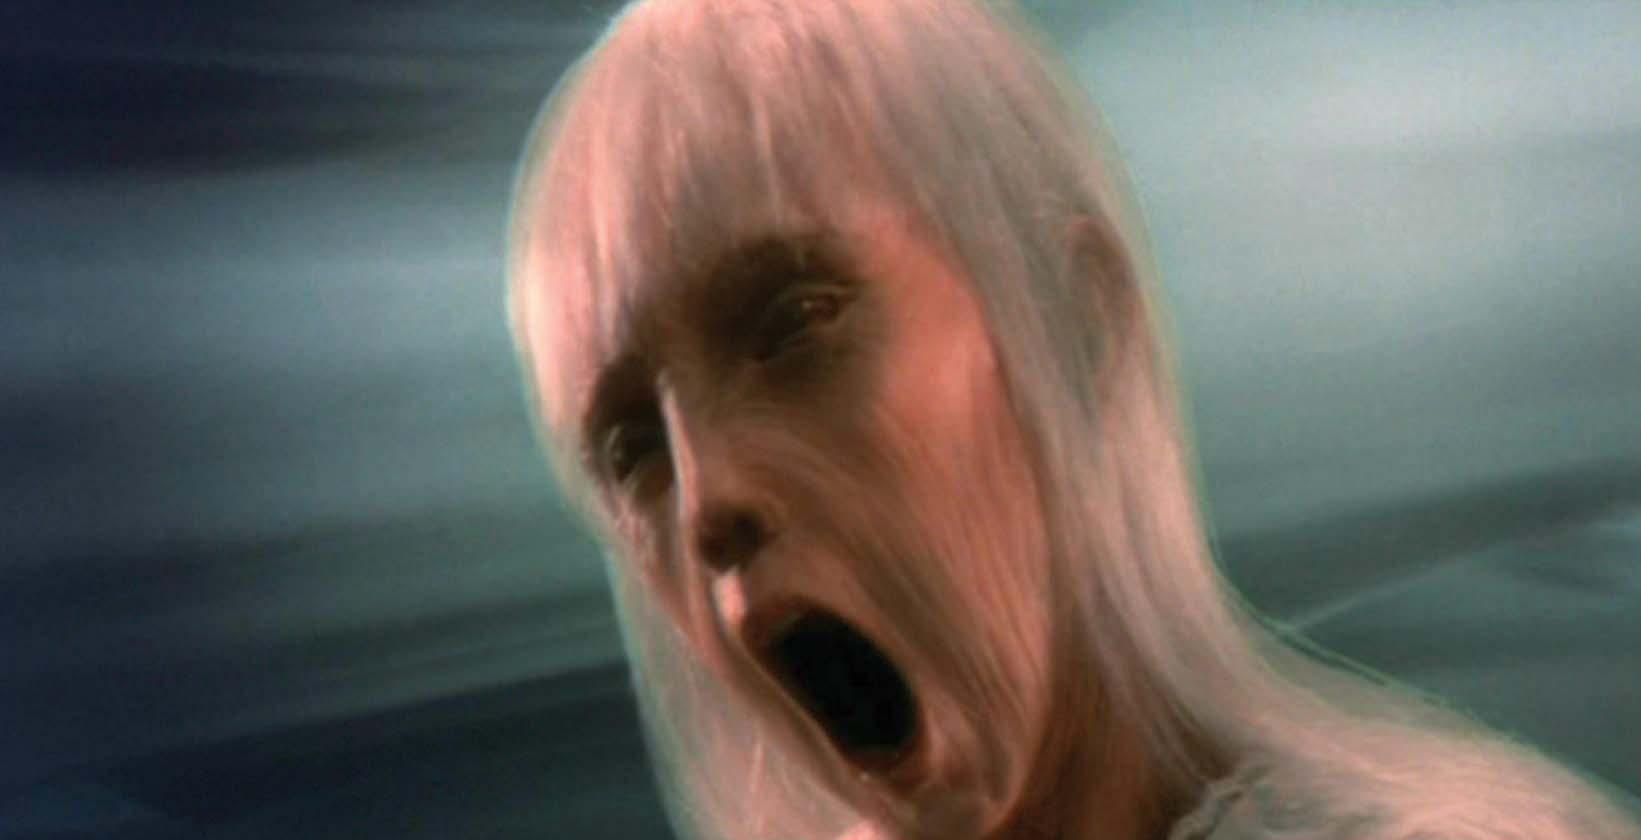 Image Poltergeist Ii Carol Jpg Horror Film Wiki